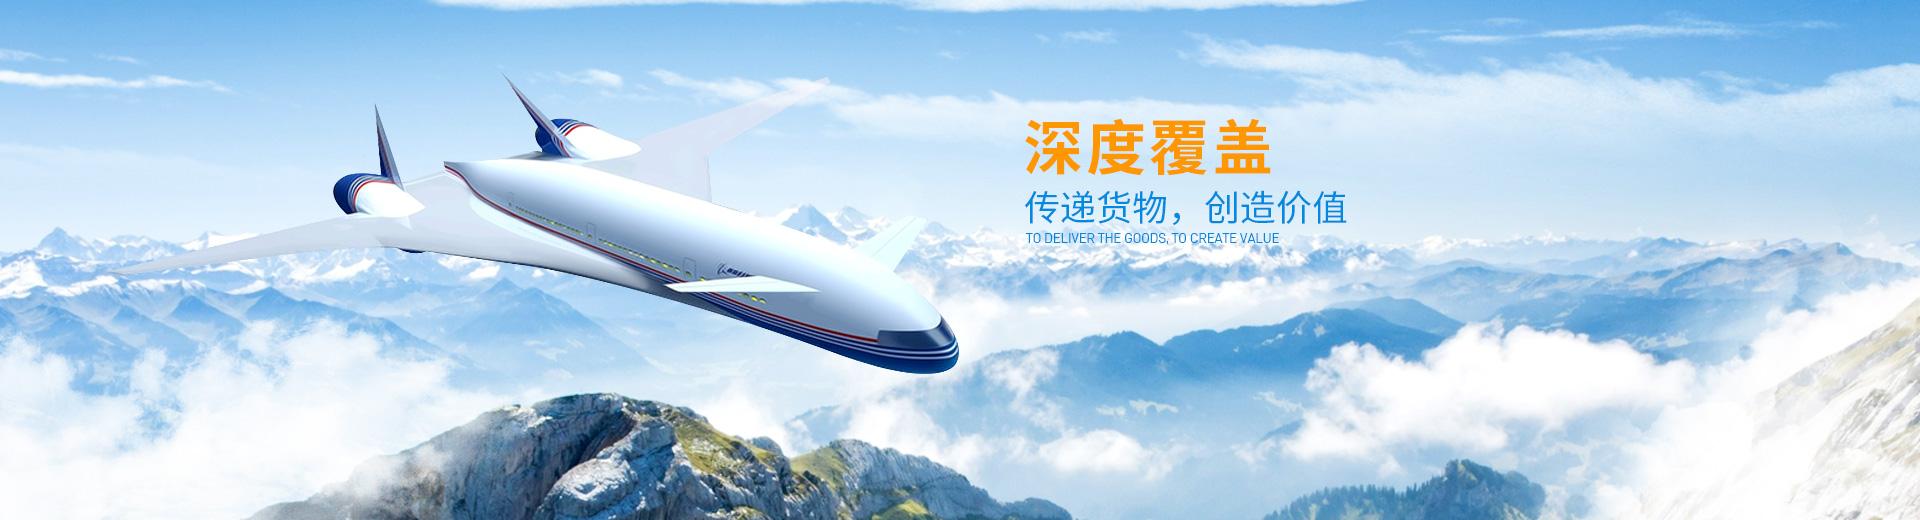 武汉机场空运价格